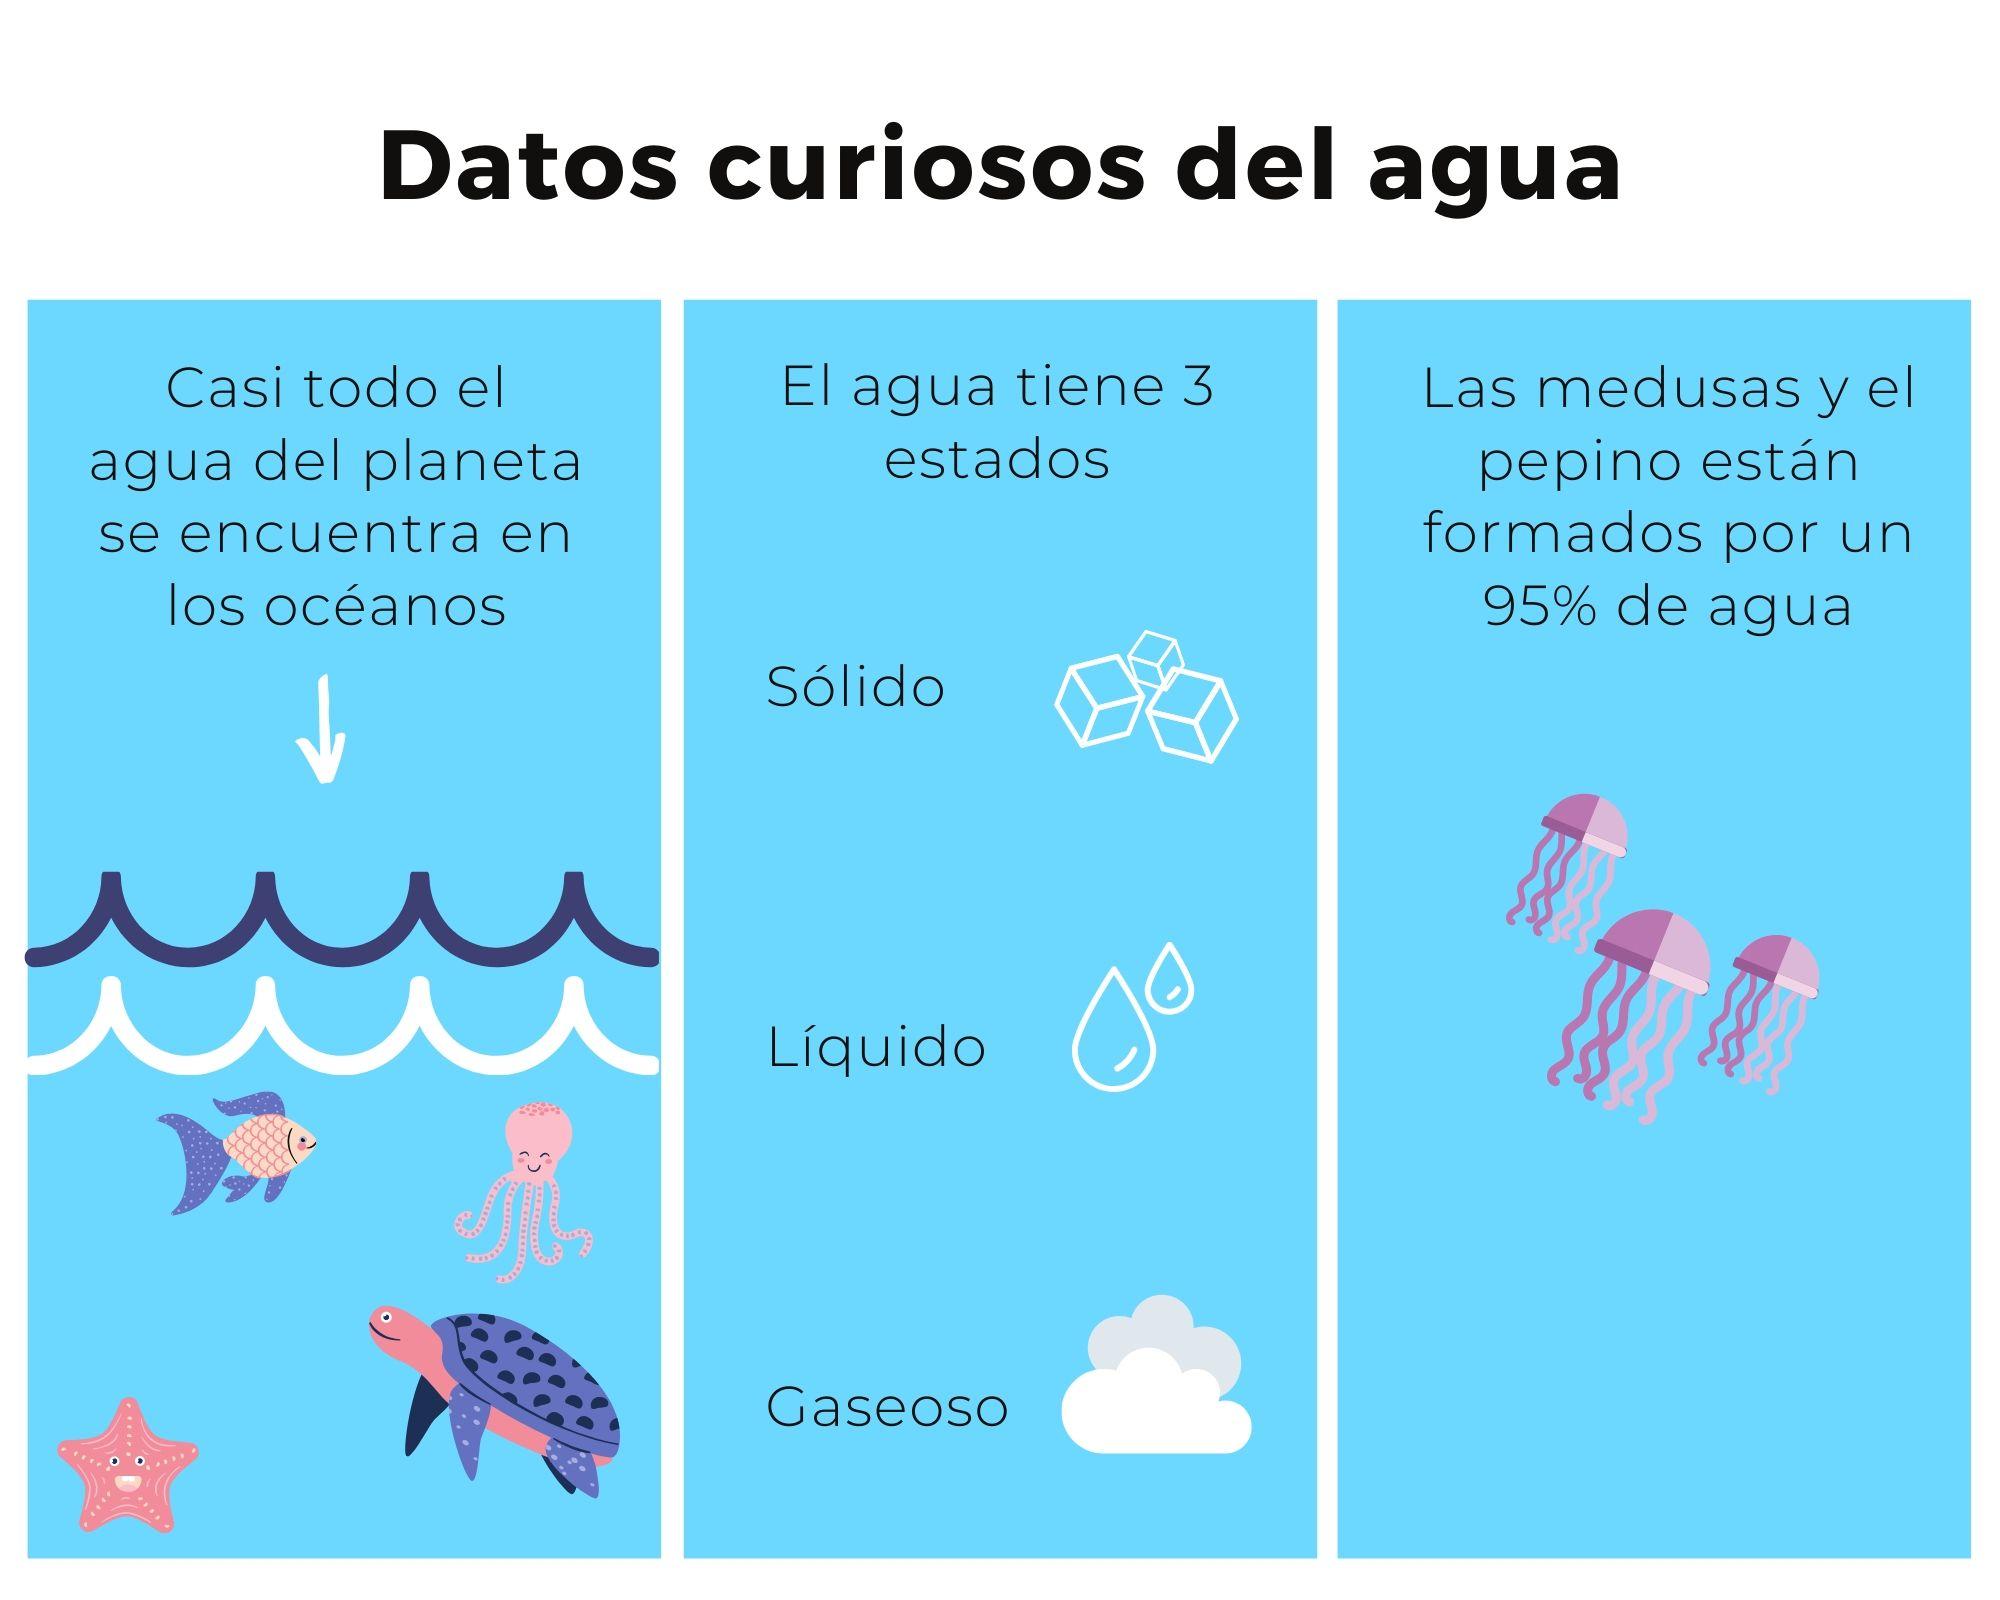 Datos curiosos sobre el agua